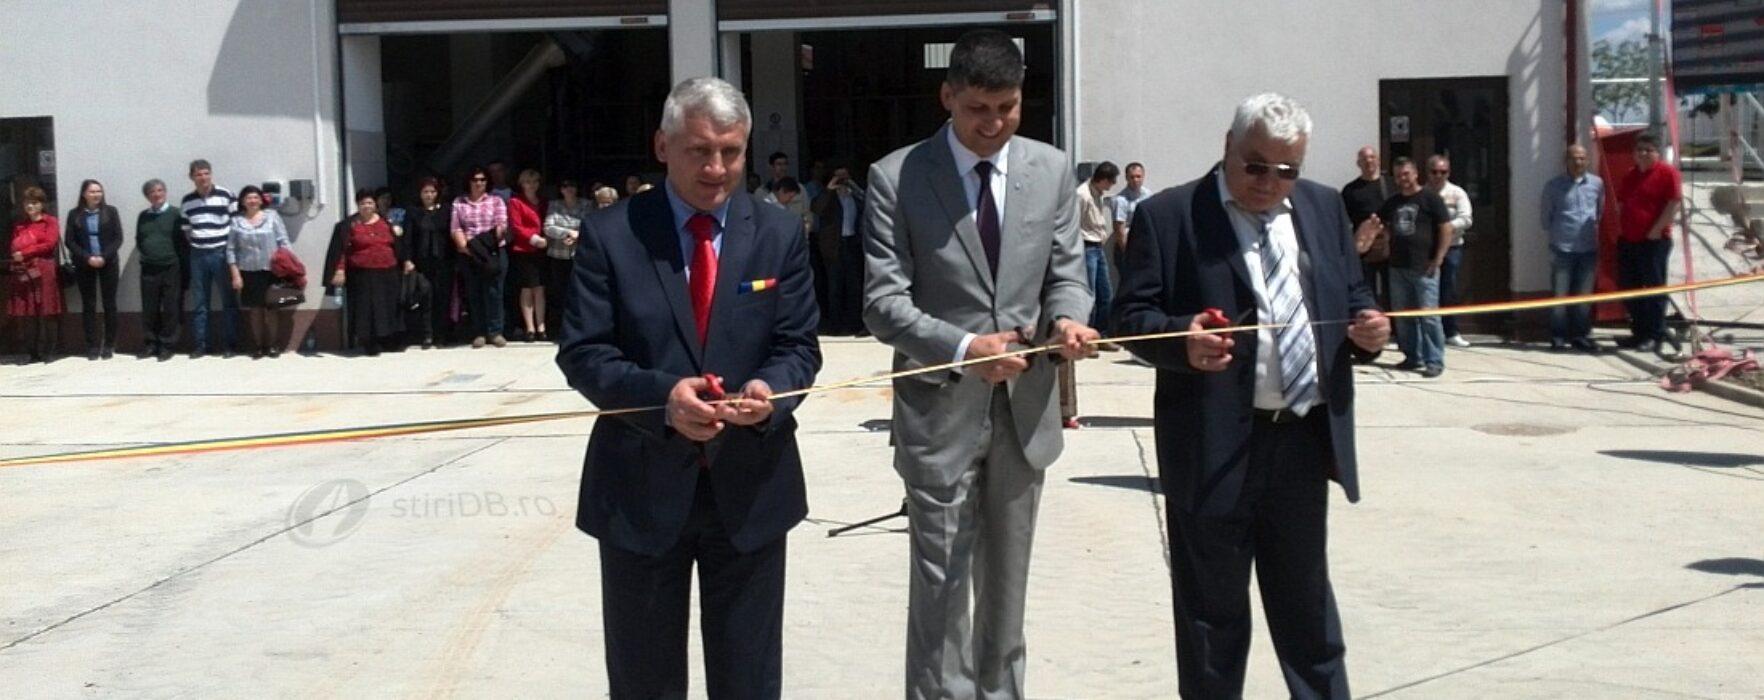 A fost inaugurată staţia de epurare din Târgovişte, realizată cu fonduri europene (video)